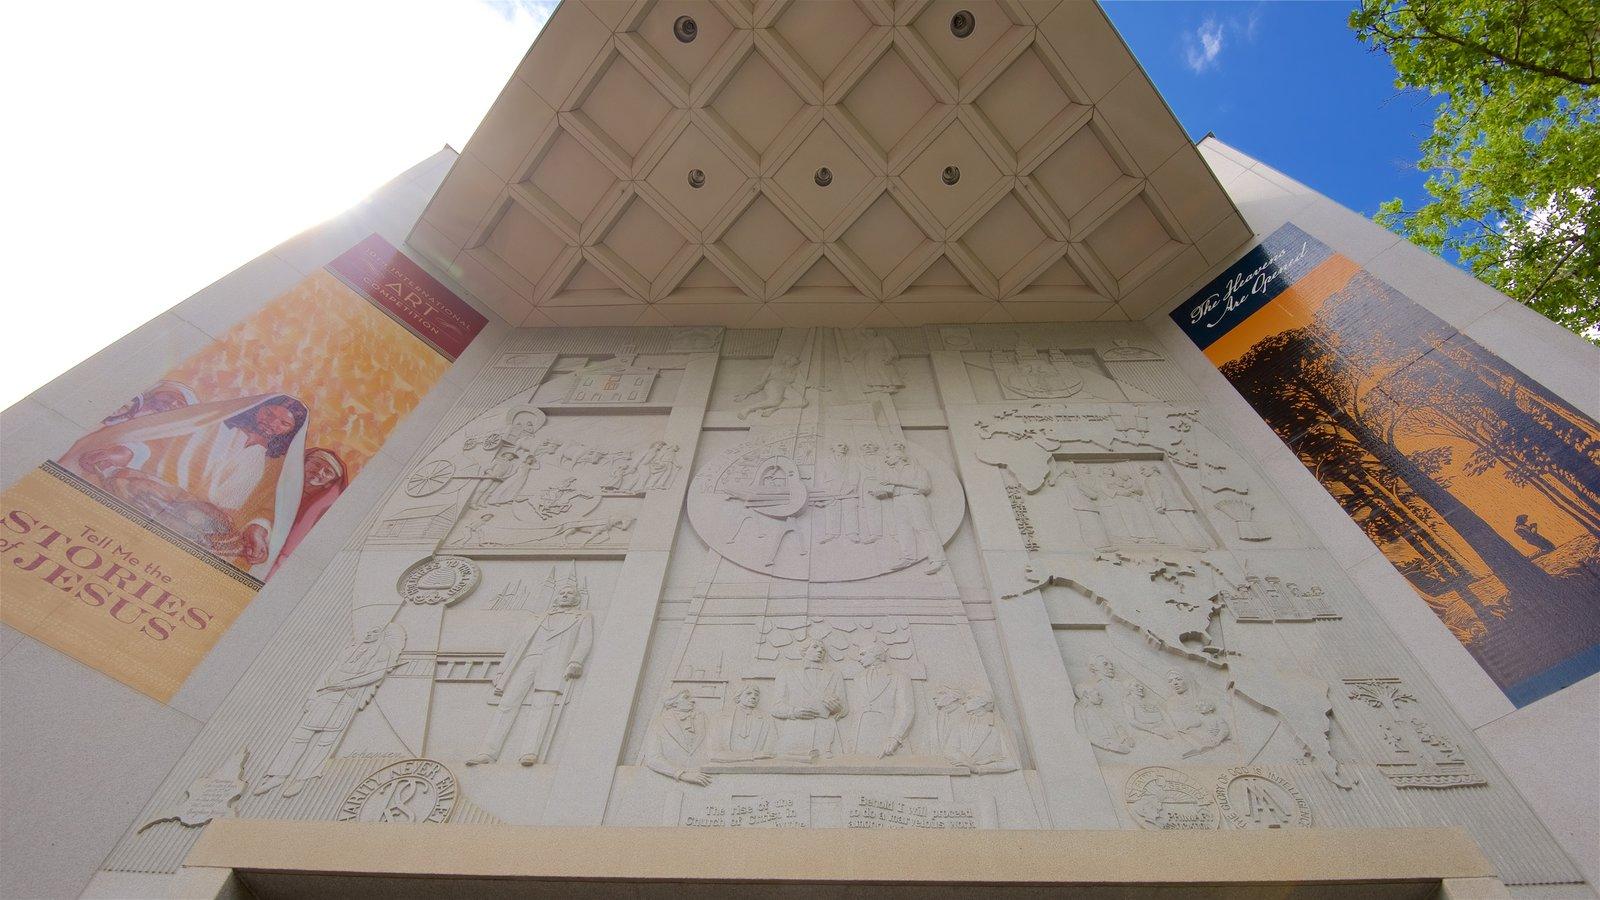 Museu da Historia da Igreja que inclui arquitetura moderna